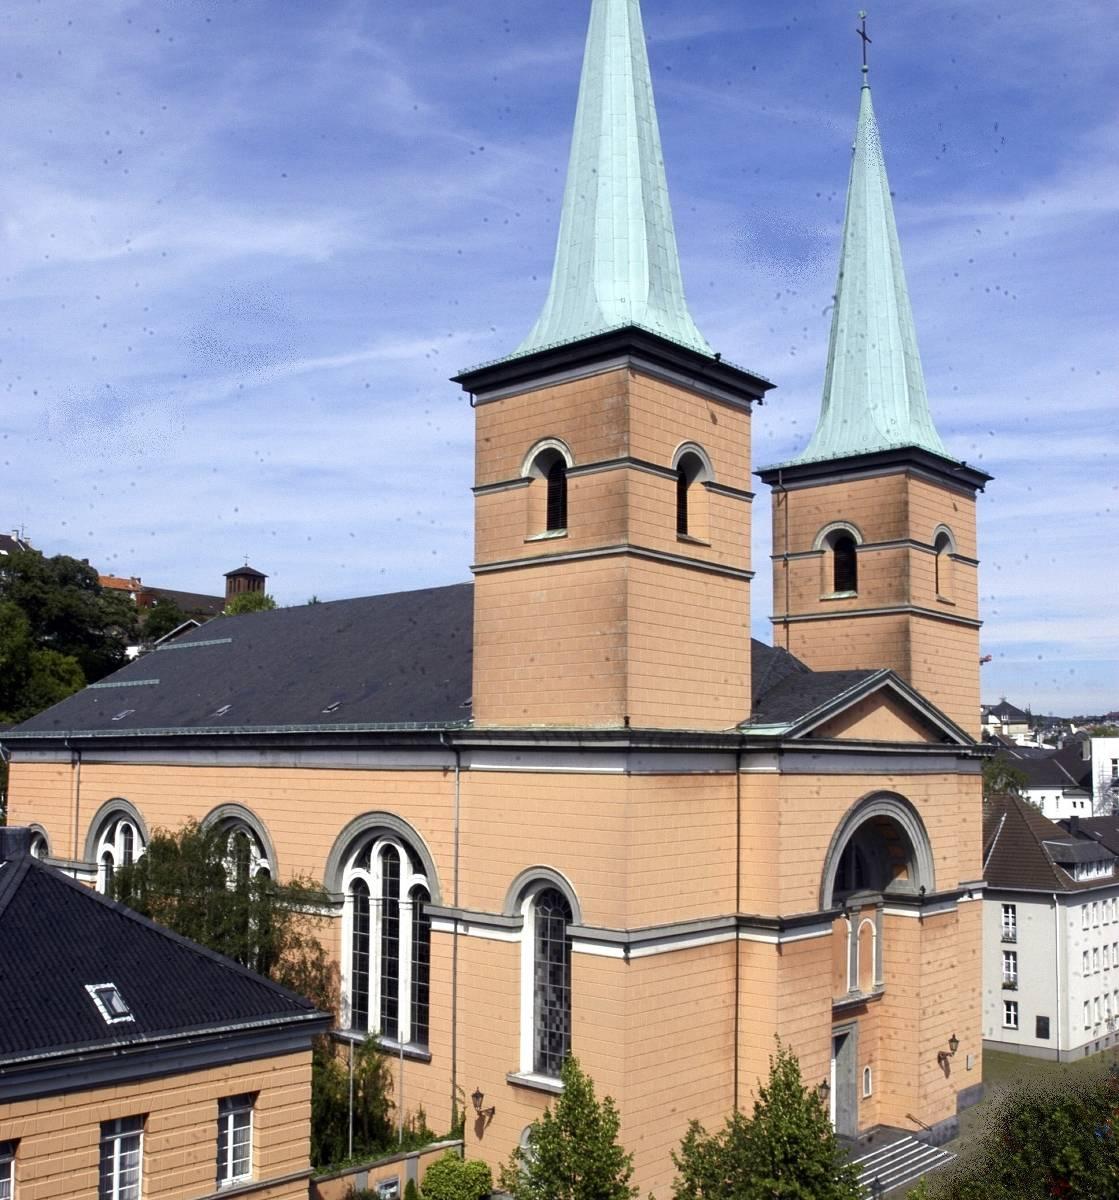 Katholische Kirche: Keine Verwaltung in Wuppertal